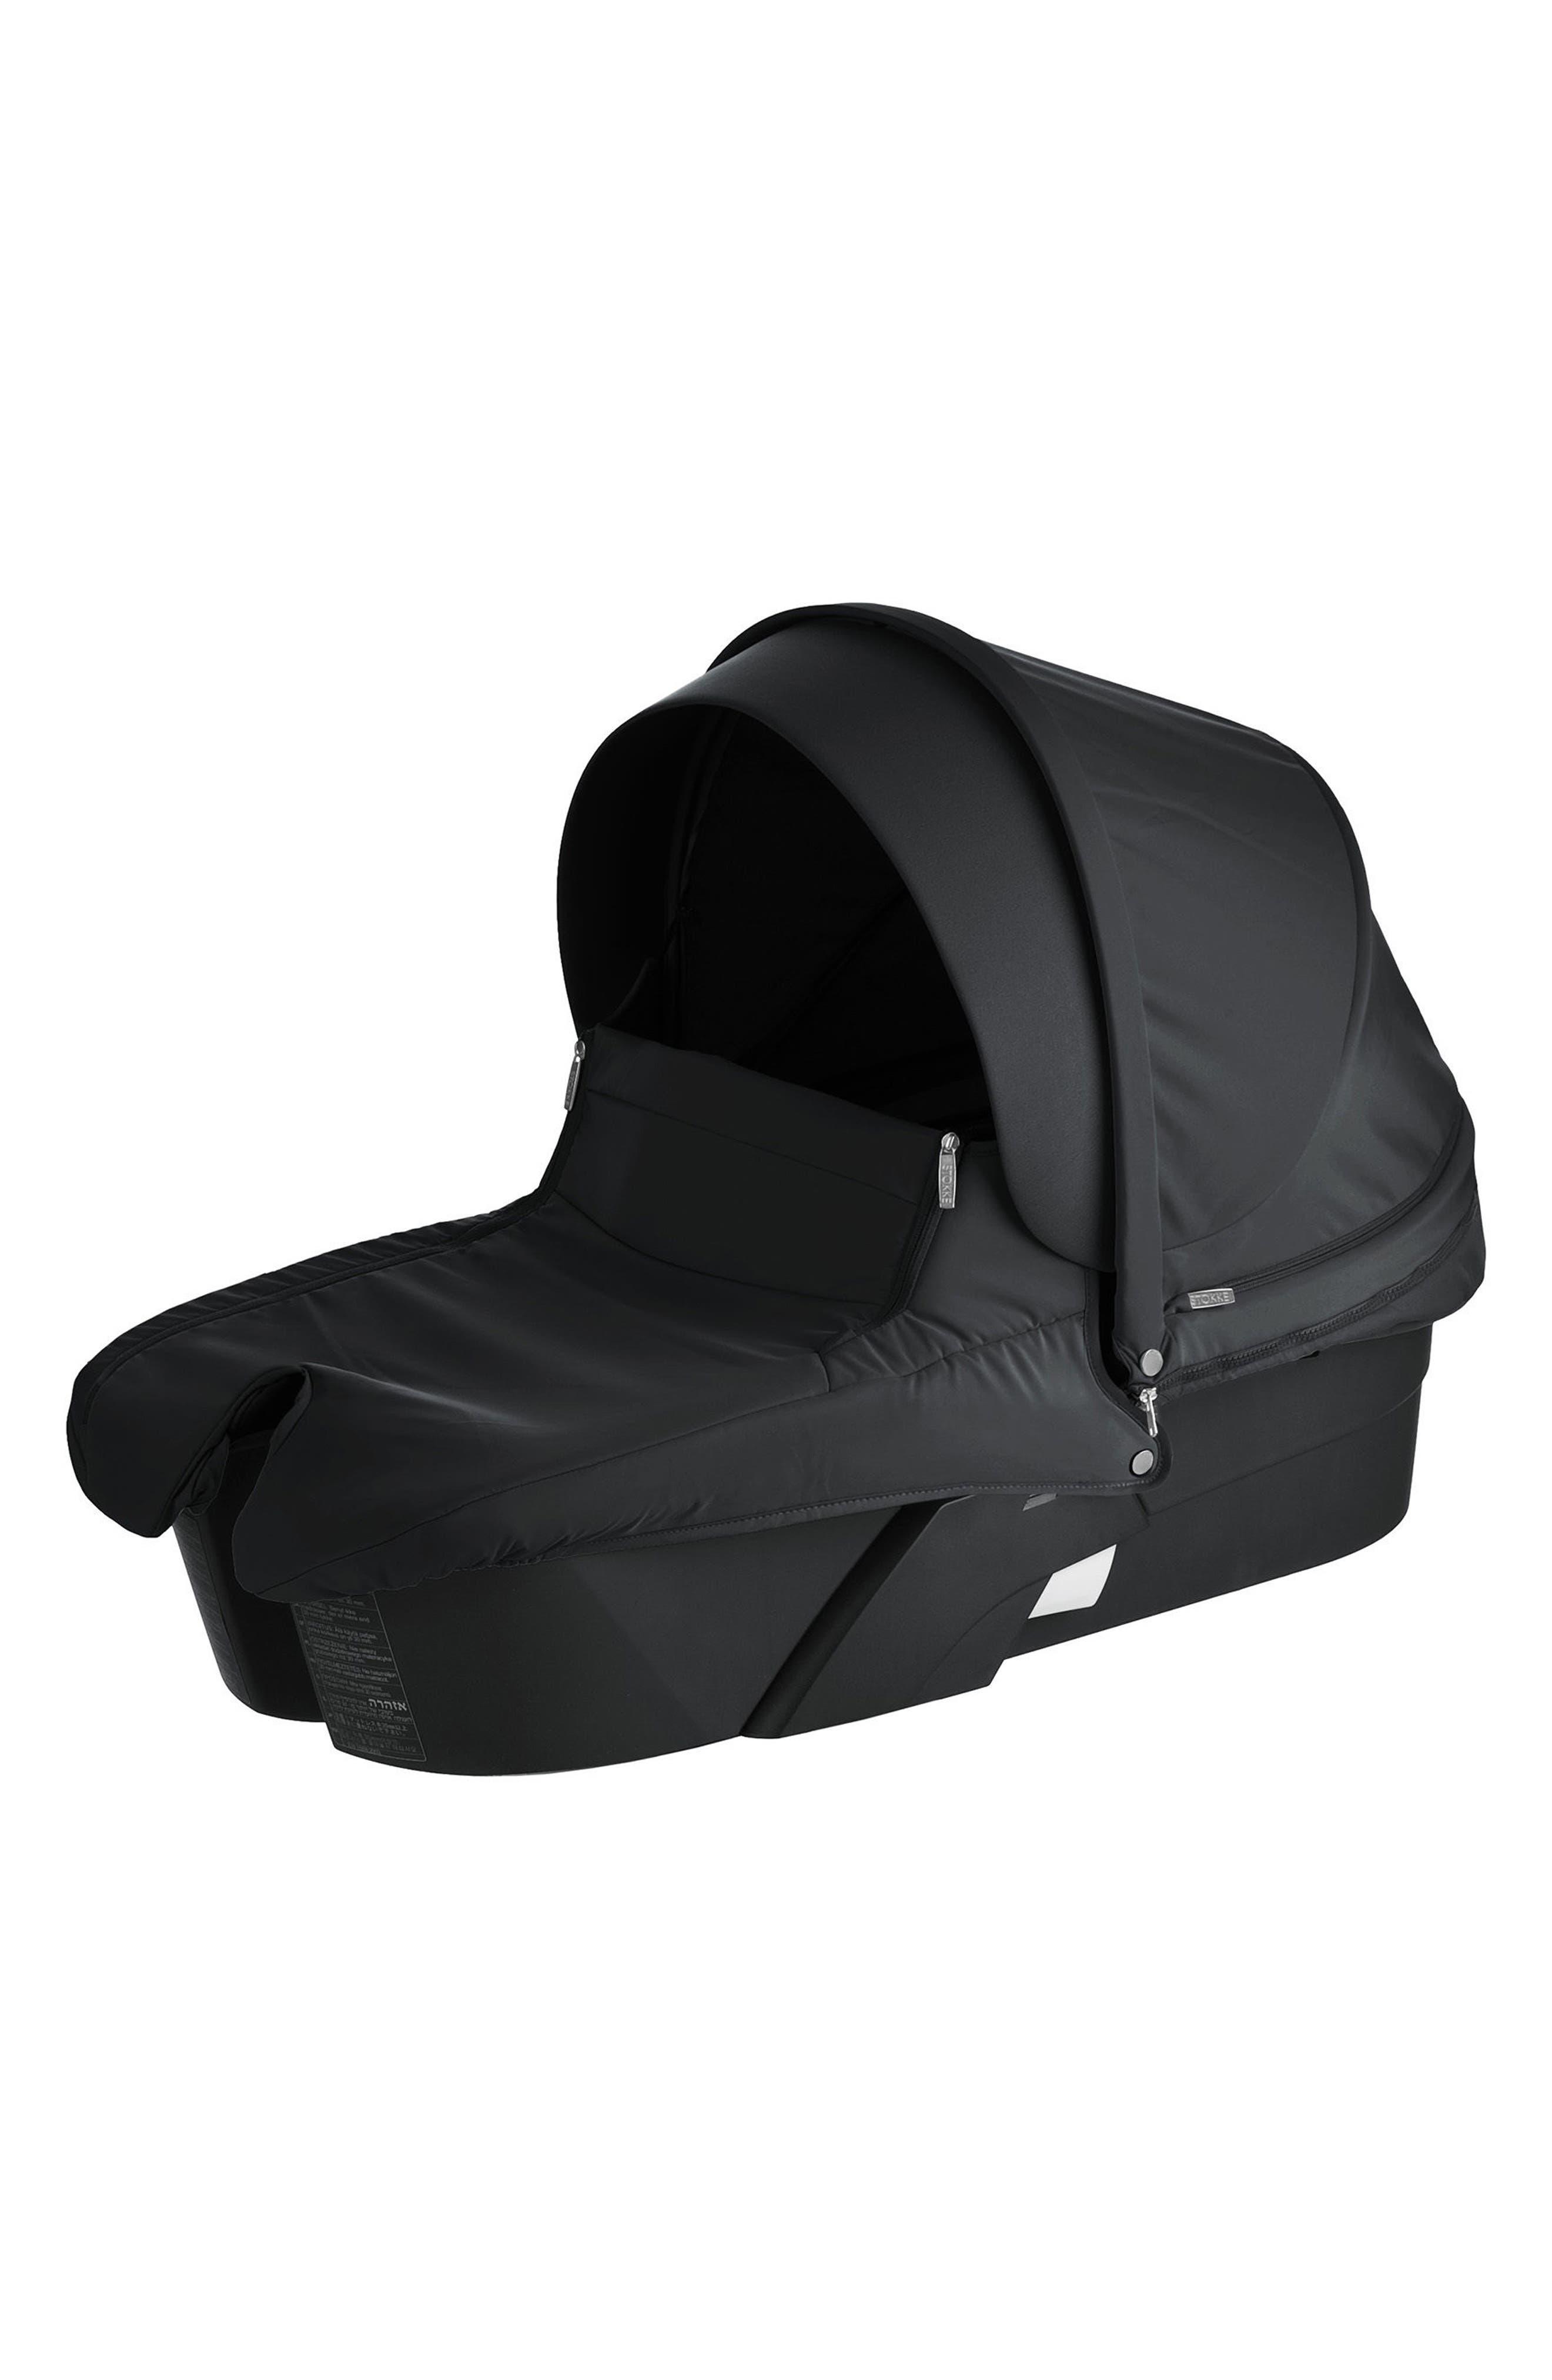 Main Image - Stokke Xplory® Black Frame Stroller Carry Cot